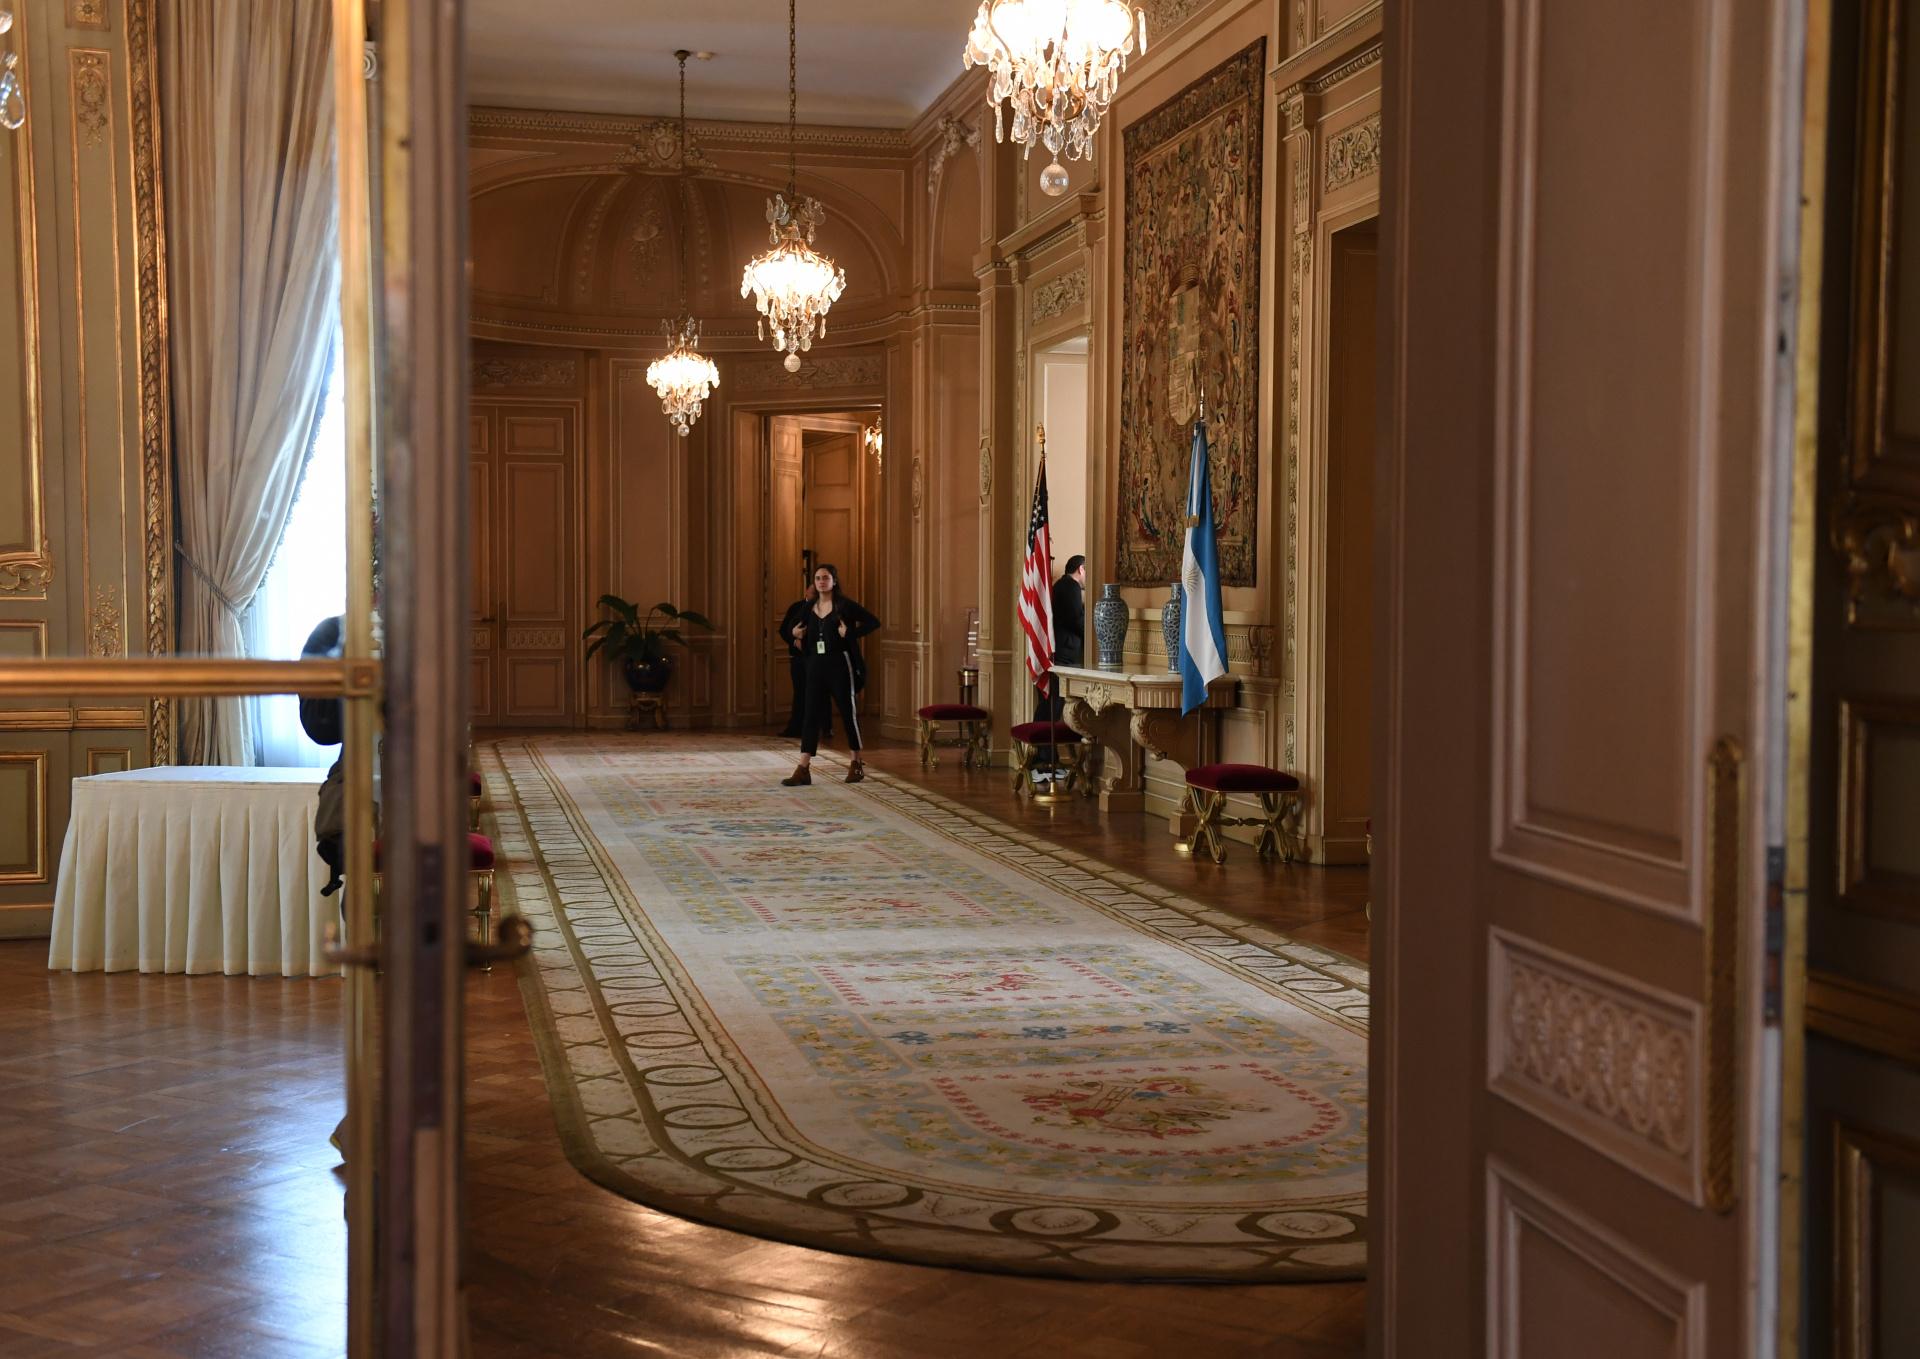 Parte del foyer de la planta noble que refleja el estilo palaciego: pisos de roble de Eslavonia, paredes ornamentadas pintadas en oro, puertas espejadas, arañas de cristales y tapices que revisten rincones